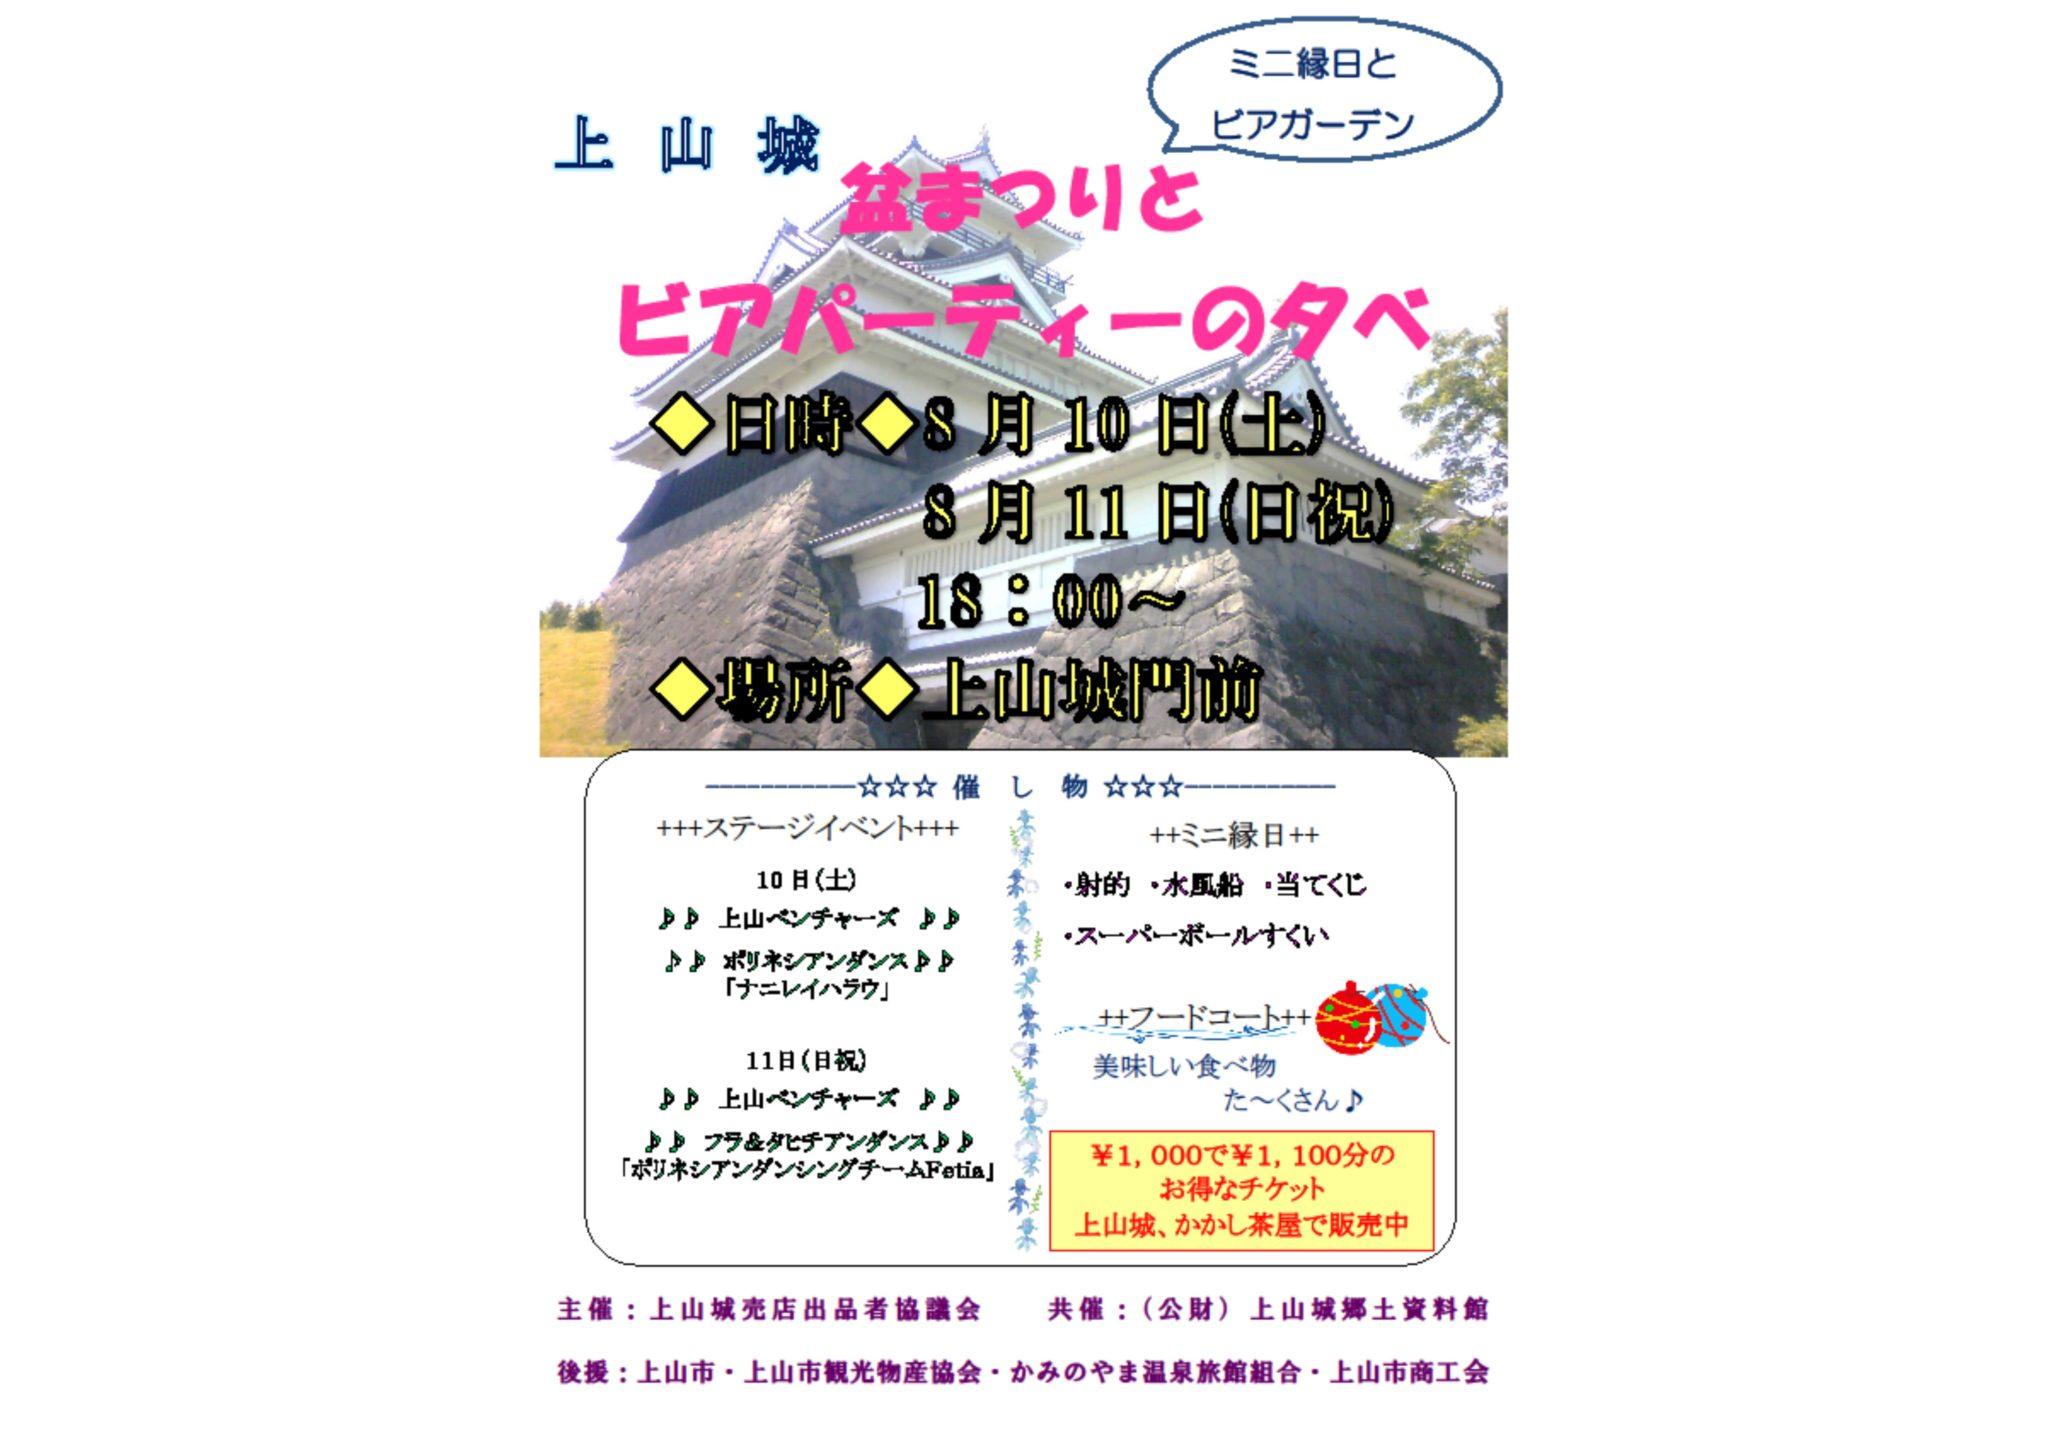 盆まつりとビアパーティーの夕べ(上山城)